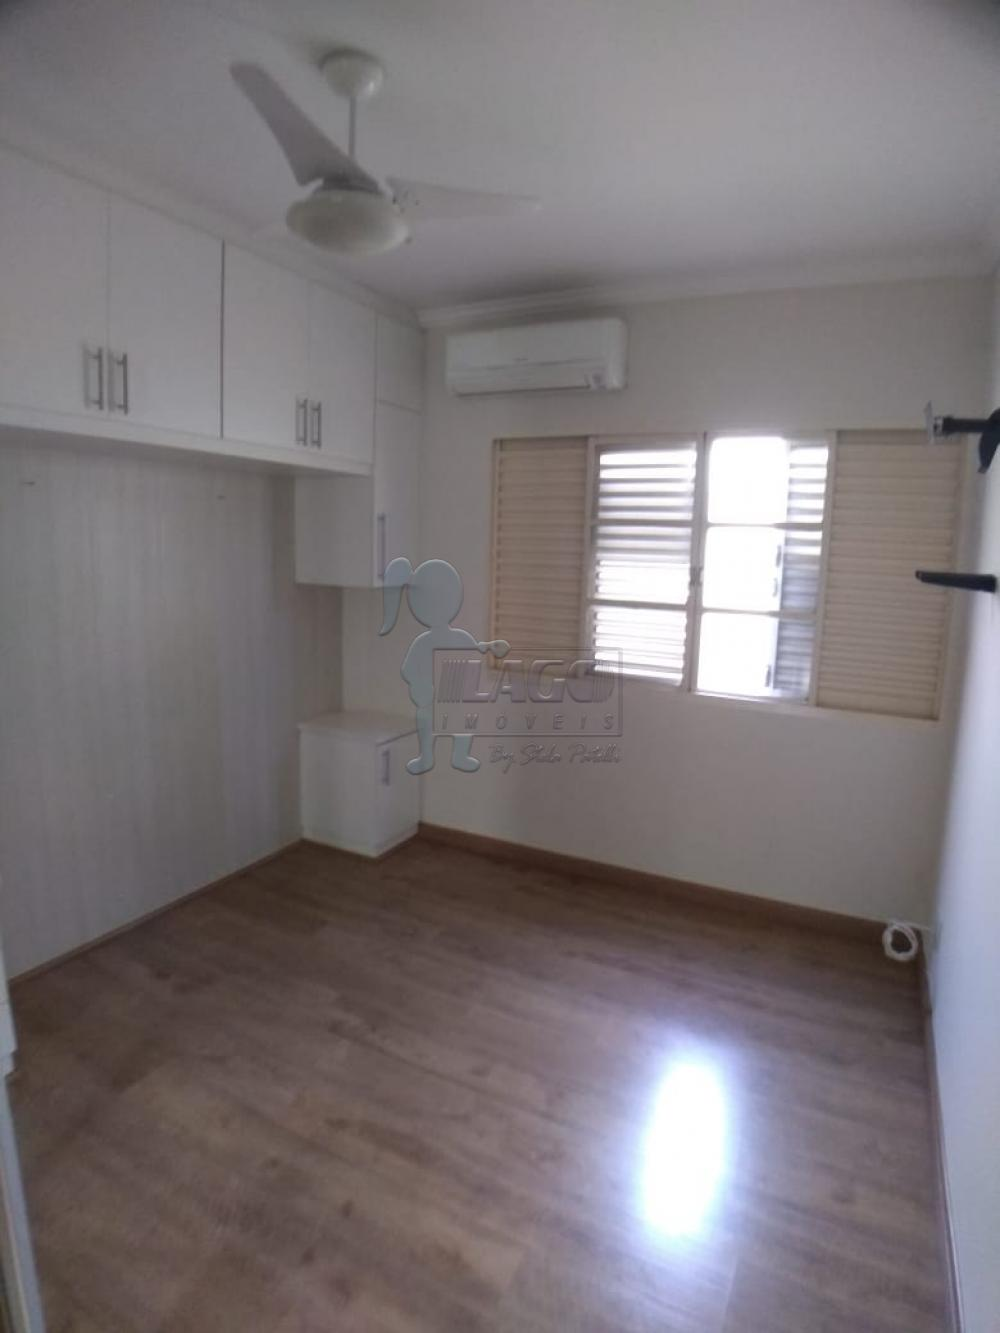 Alugar Apartamento / Padrão em Ribeirão Preto apenas R$ 1.300,00 - Foto 4